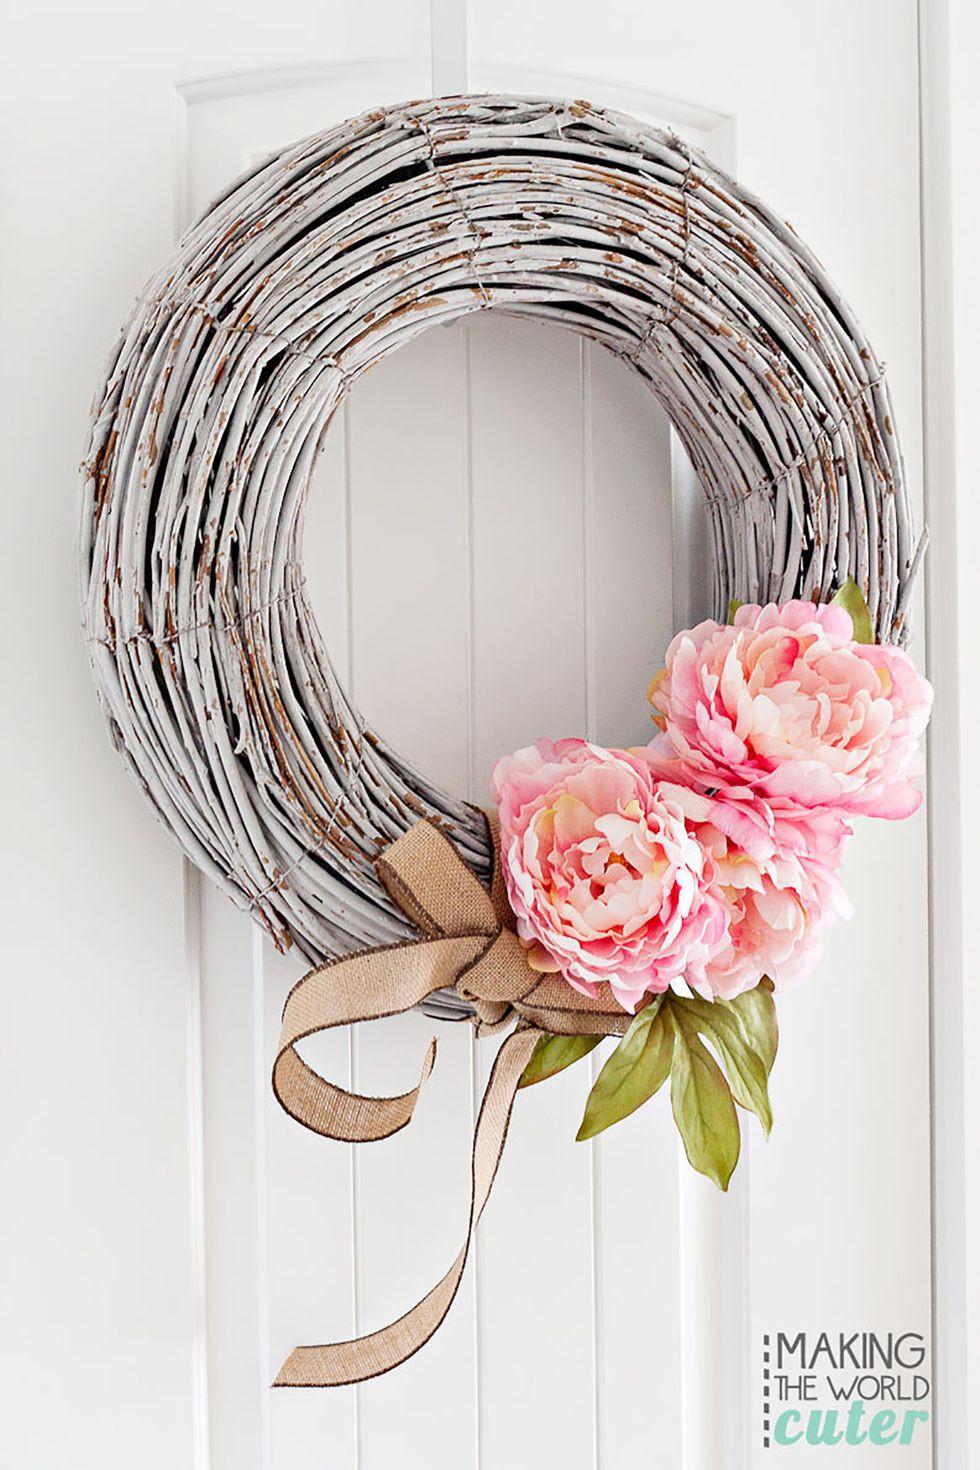 9 cách tận dụng đồ cũ làm hoa treo vừa xinh đẹp vừa tiết kiệm để trang trí trước cửa nhà   - Ảnh 7.